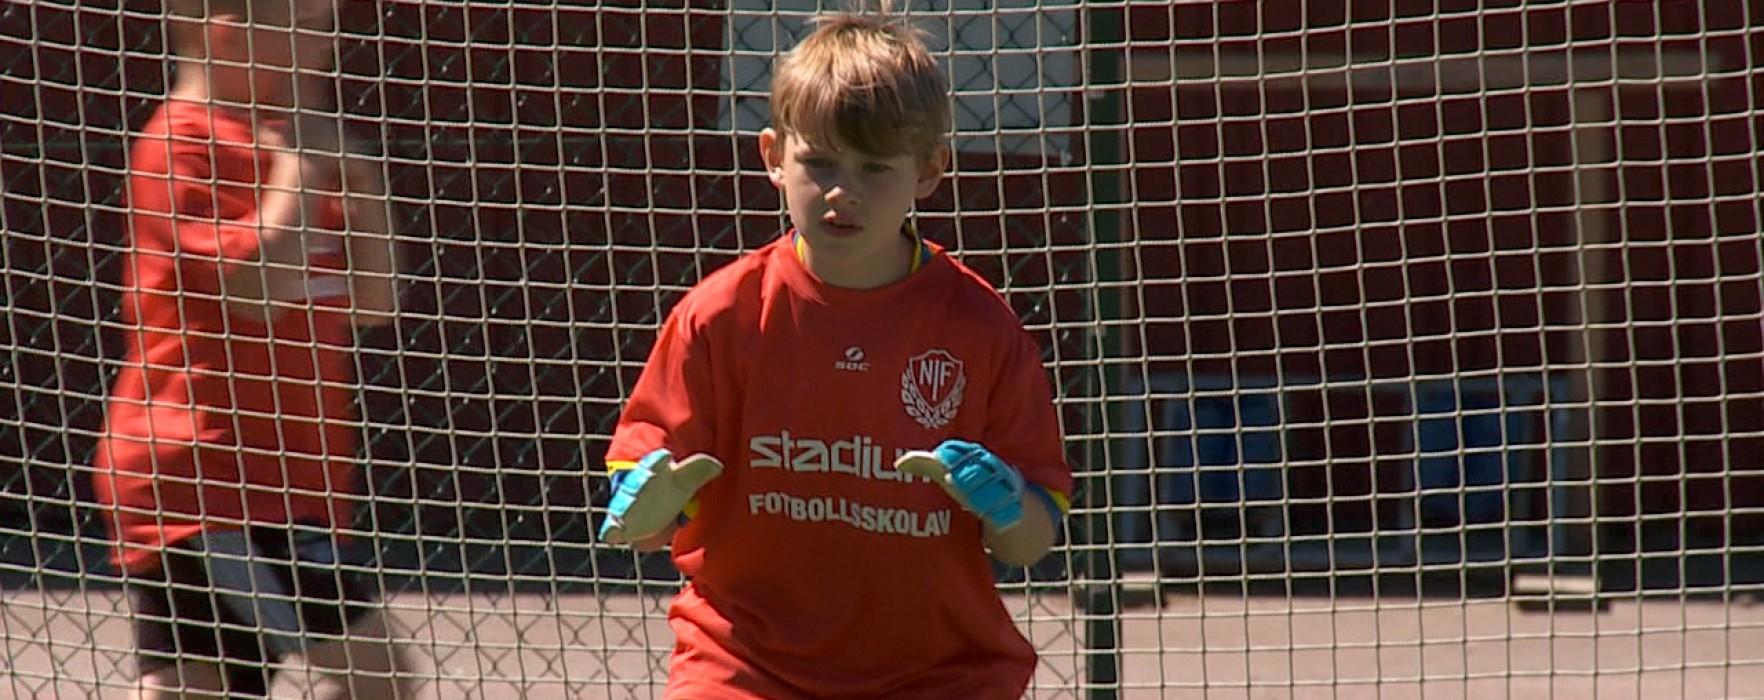 Fotbollsskola i Norrstrands IF